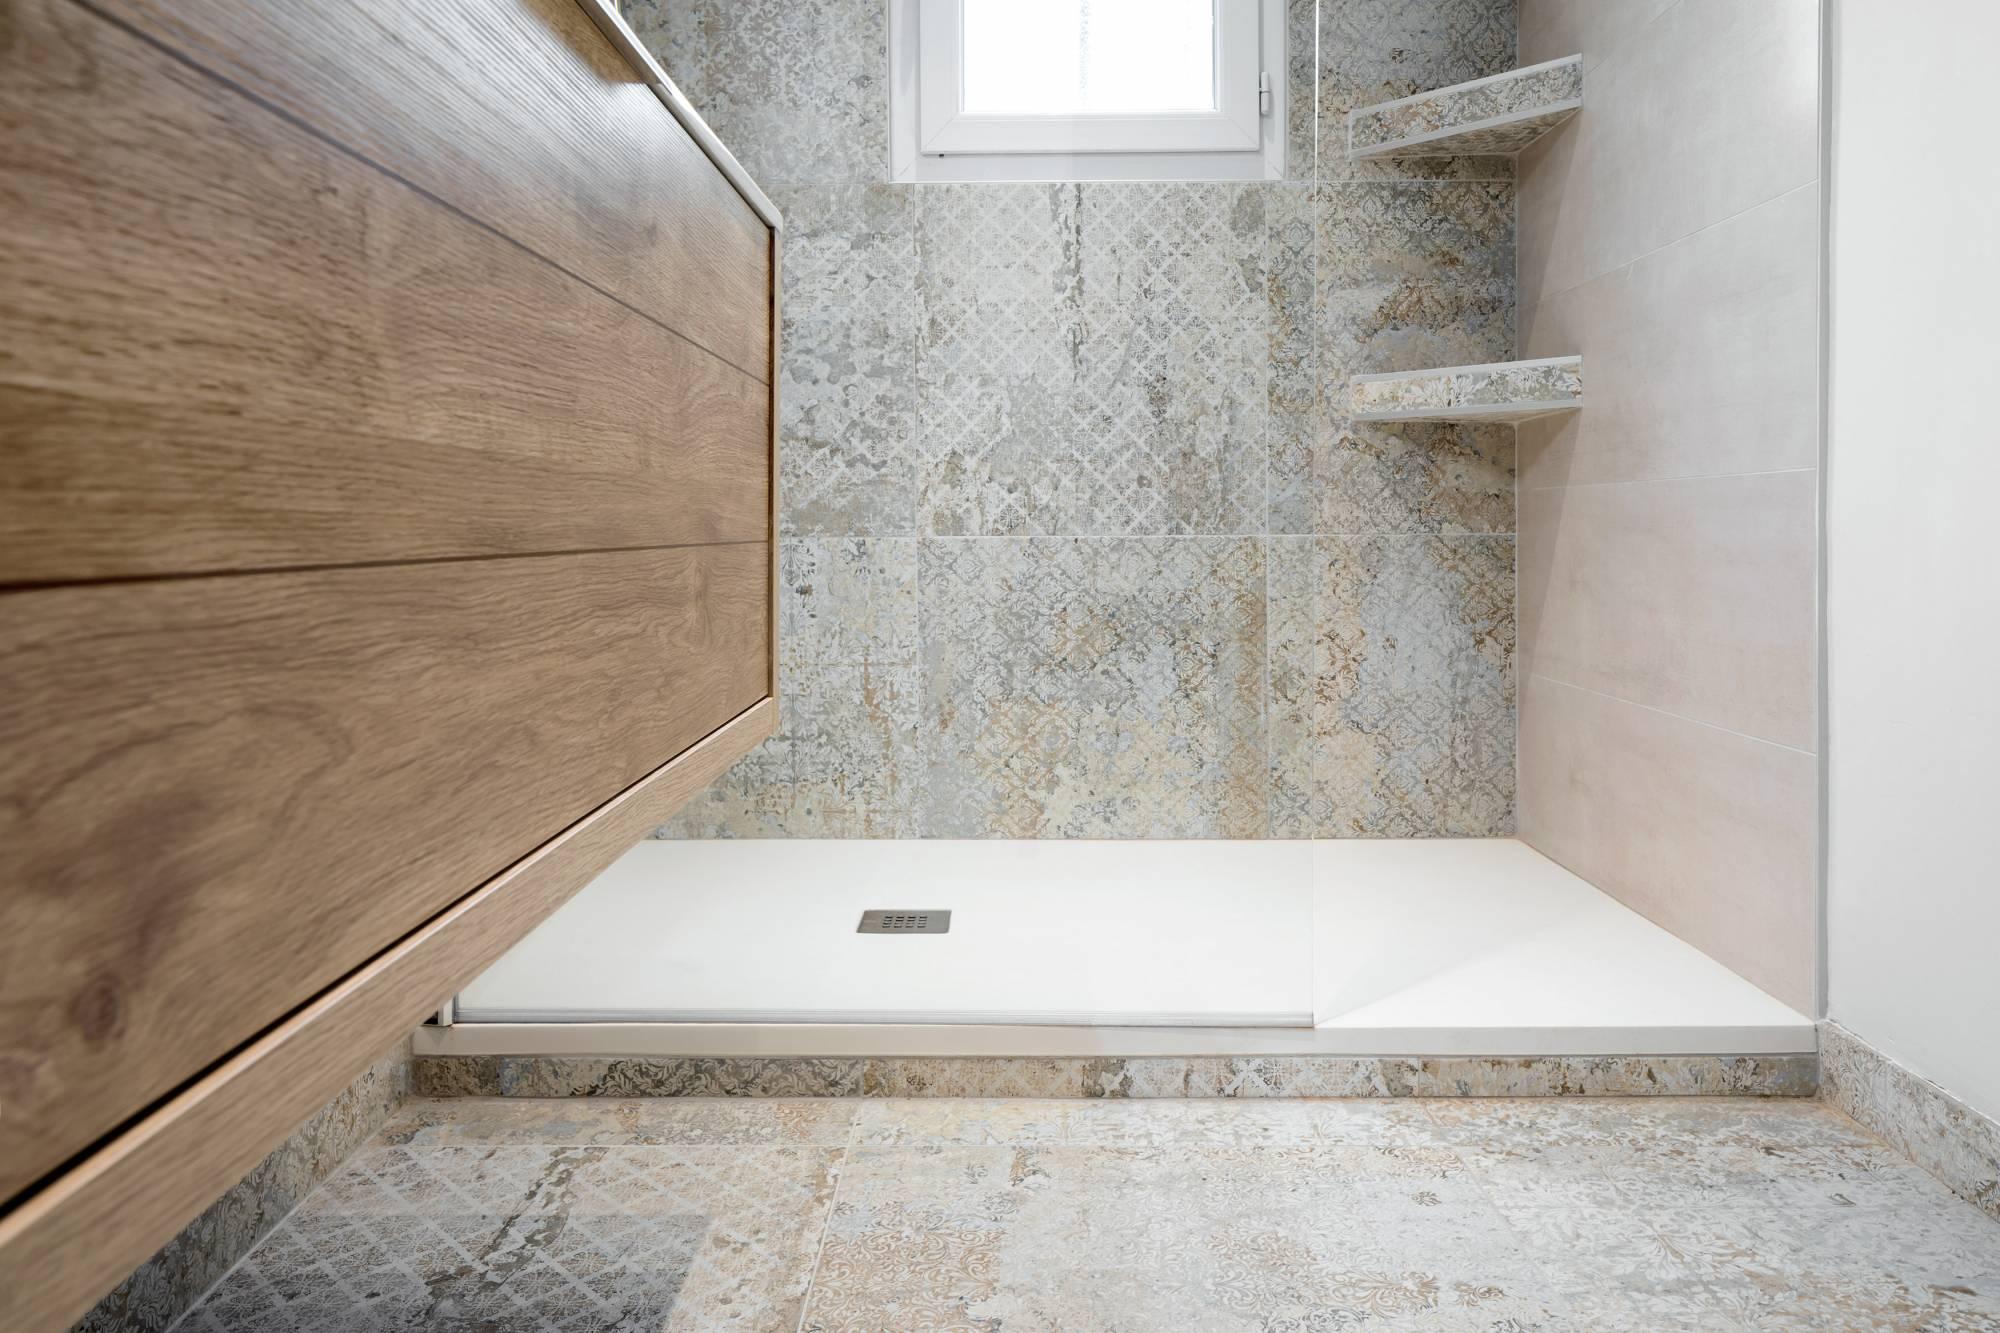 salle de bains déco entièrement rénovée aix en provence - carrelage